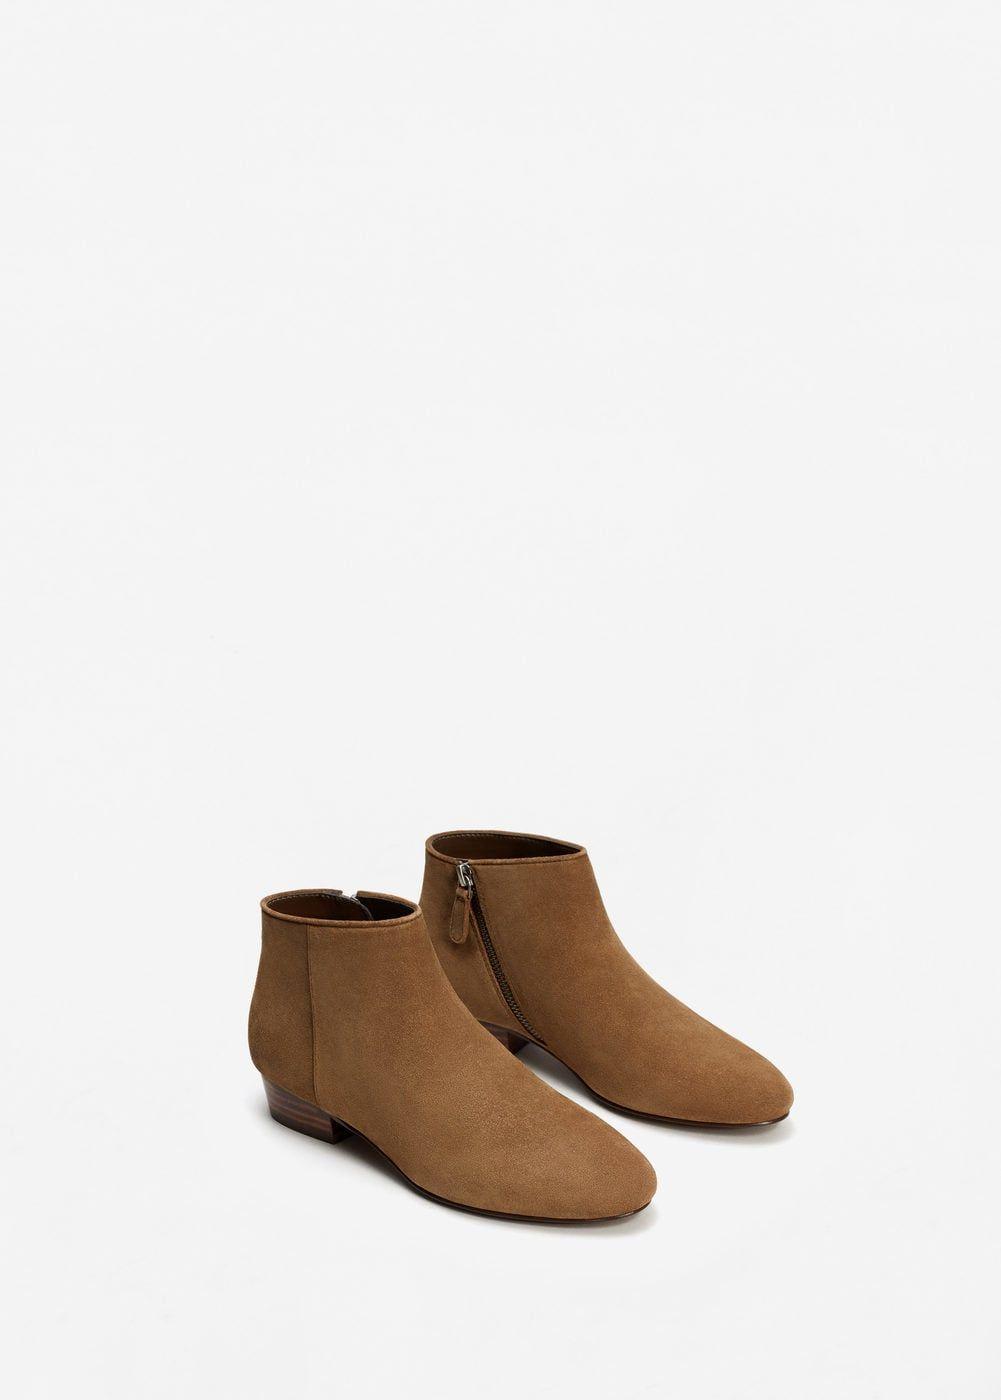 MANGO Chaussures métallisées cuir 2018 Plus Récent À Vendre U0886nk